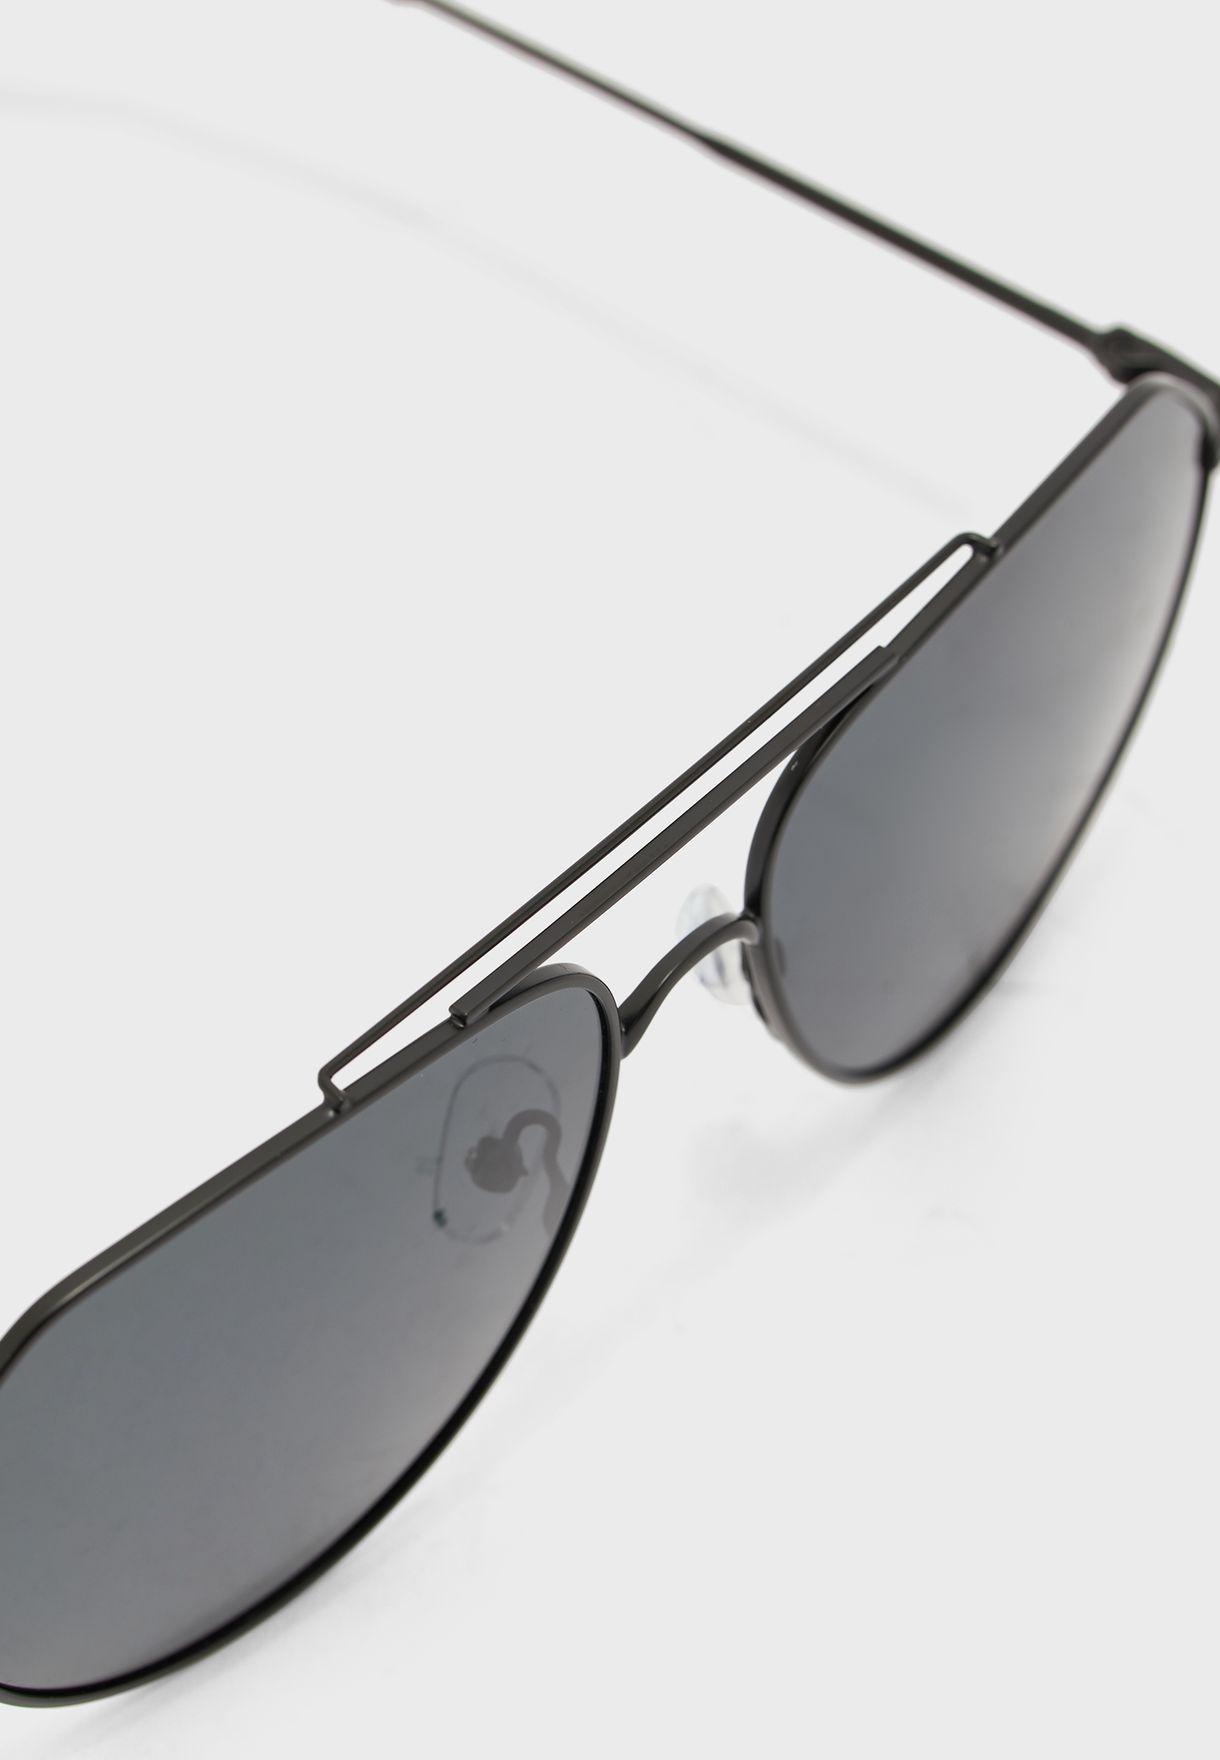 نظارة شمسية افييايتور بأذرع رفيعة